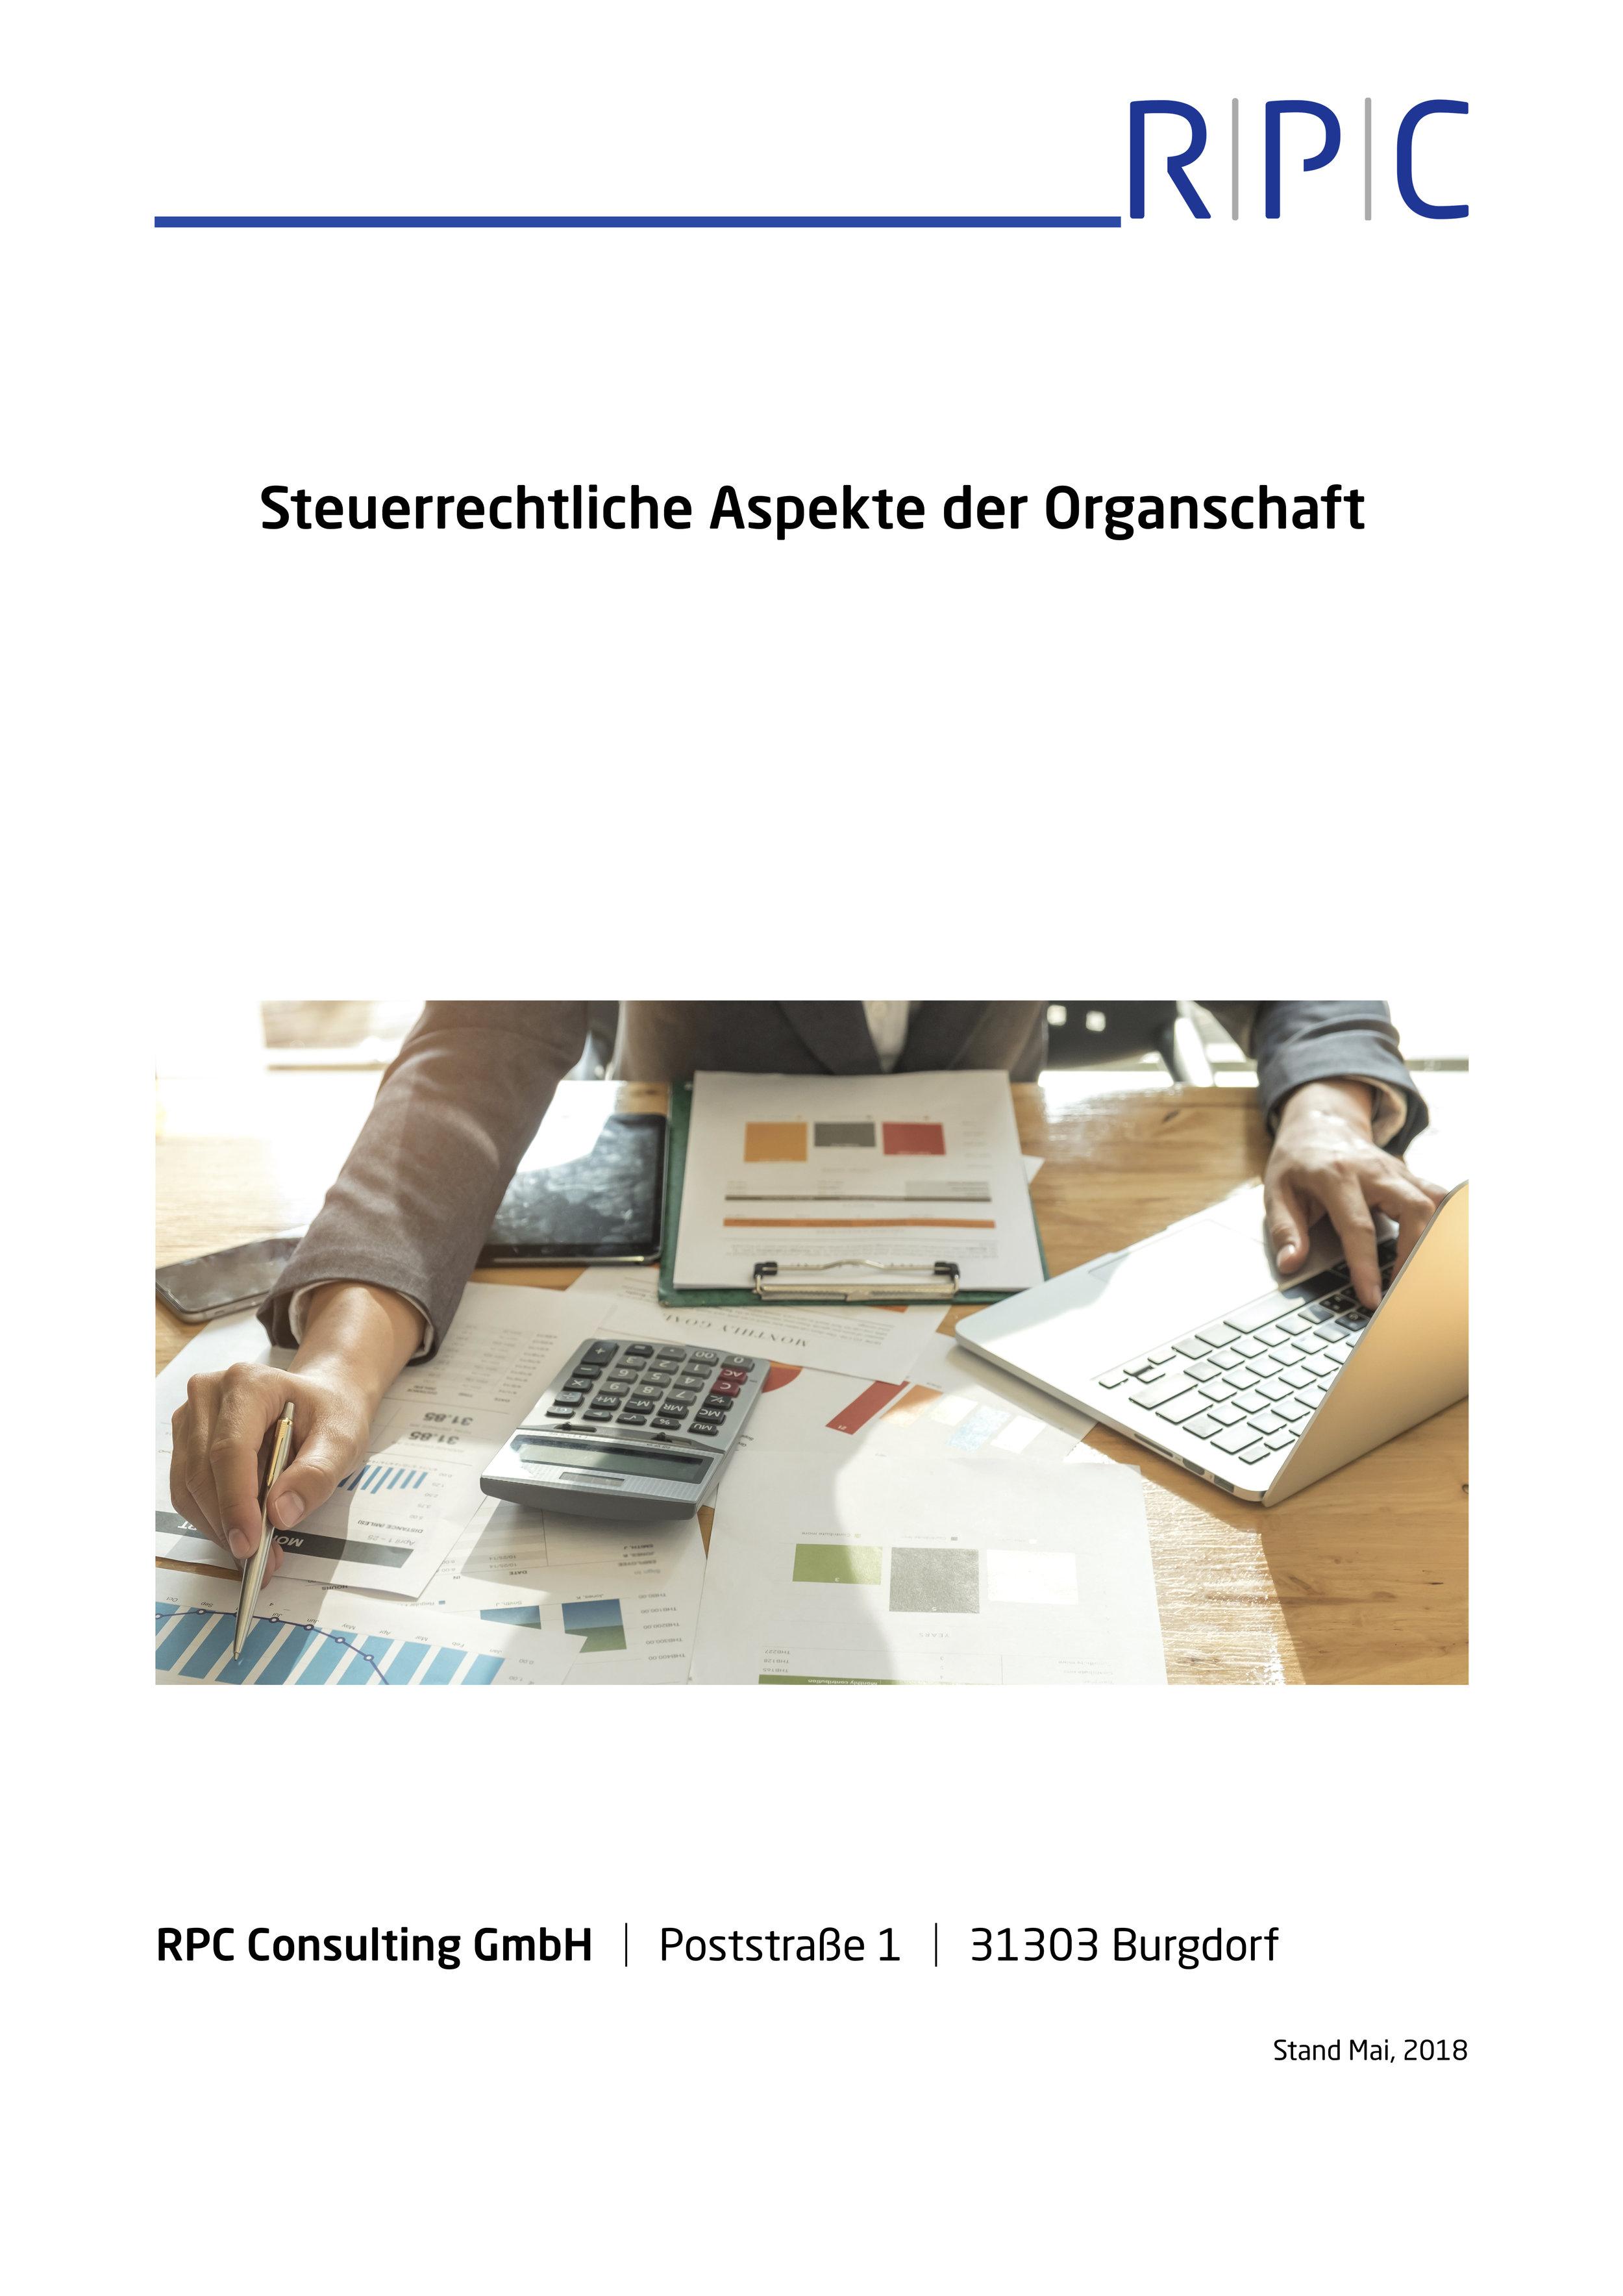 Organschaft - Steuerrechtliche Aspekte der Organschaft